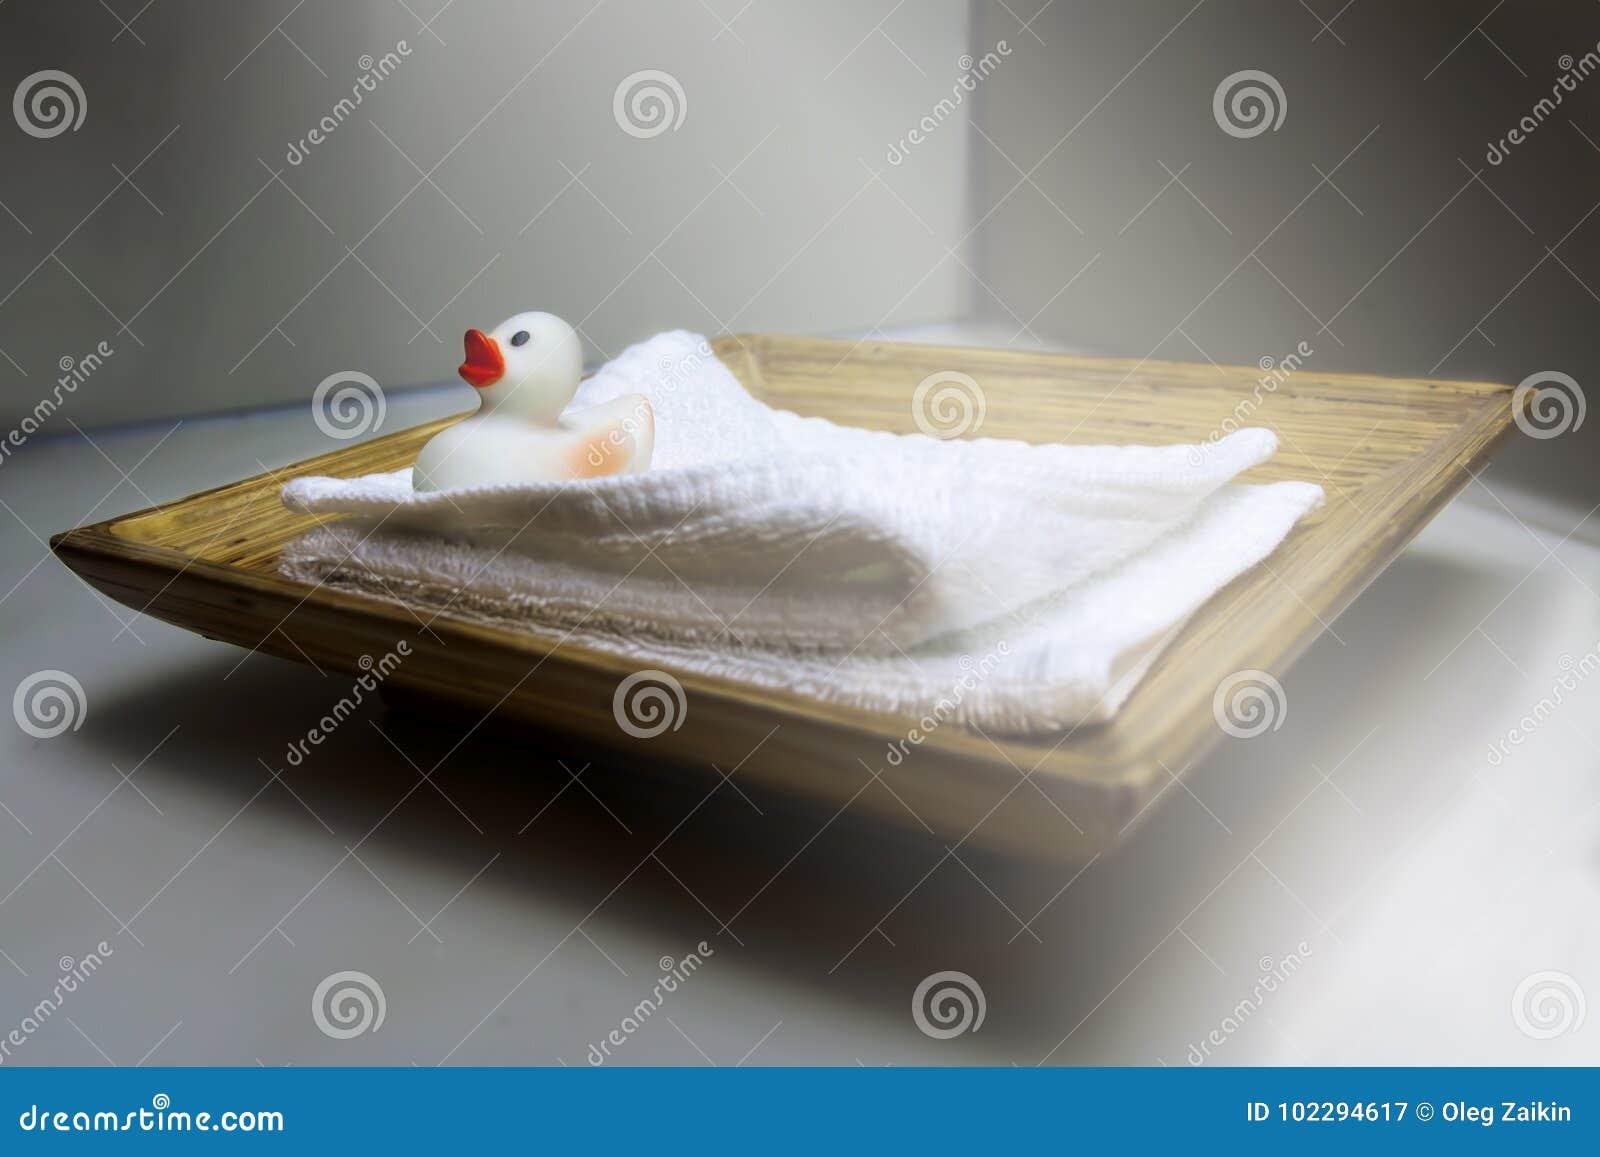 Anadón en una toalla en un hotel